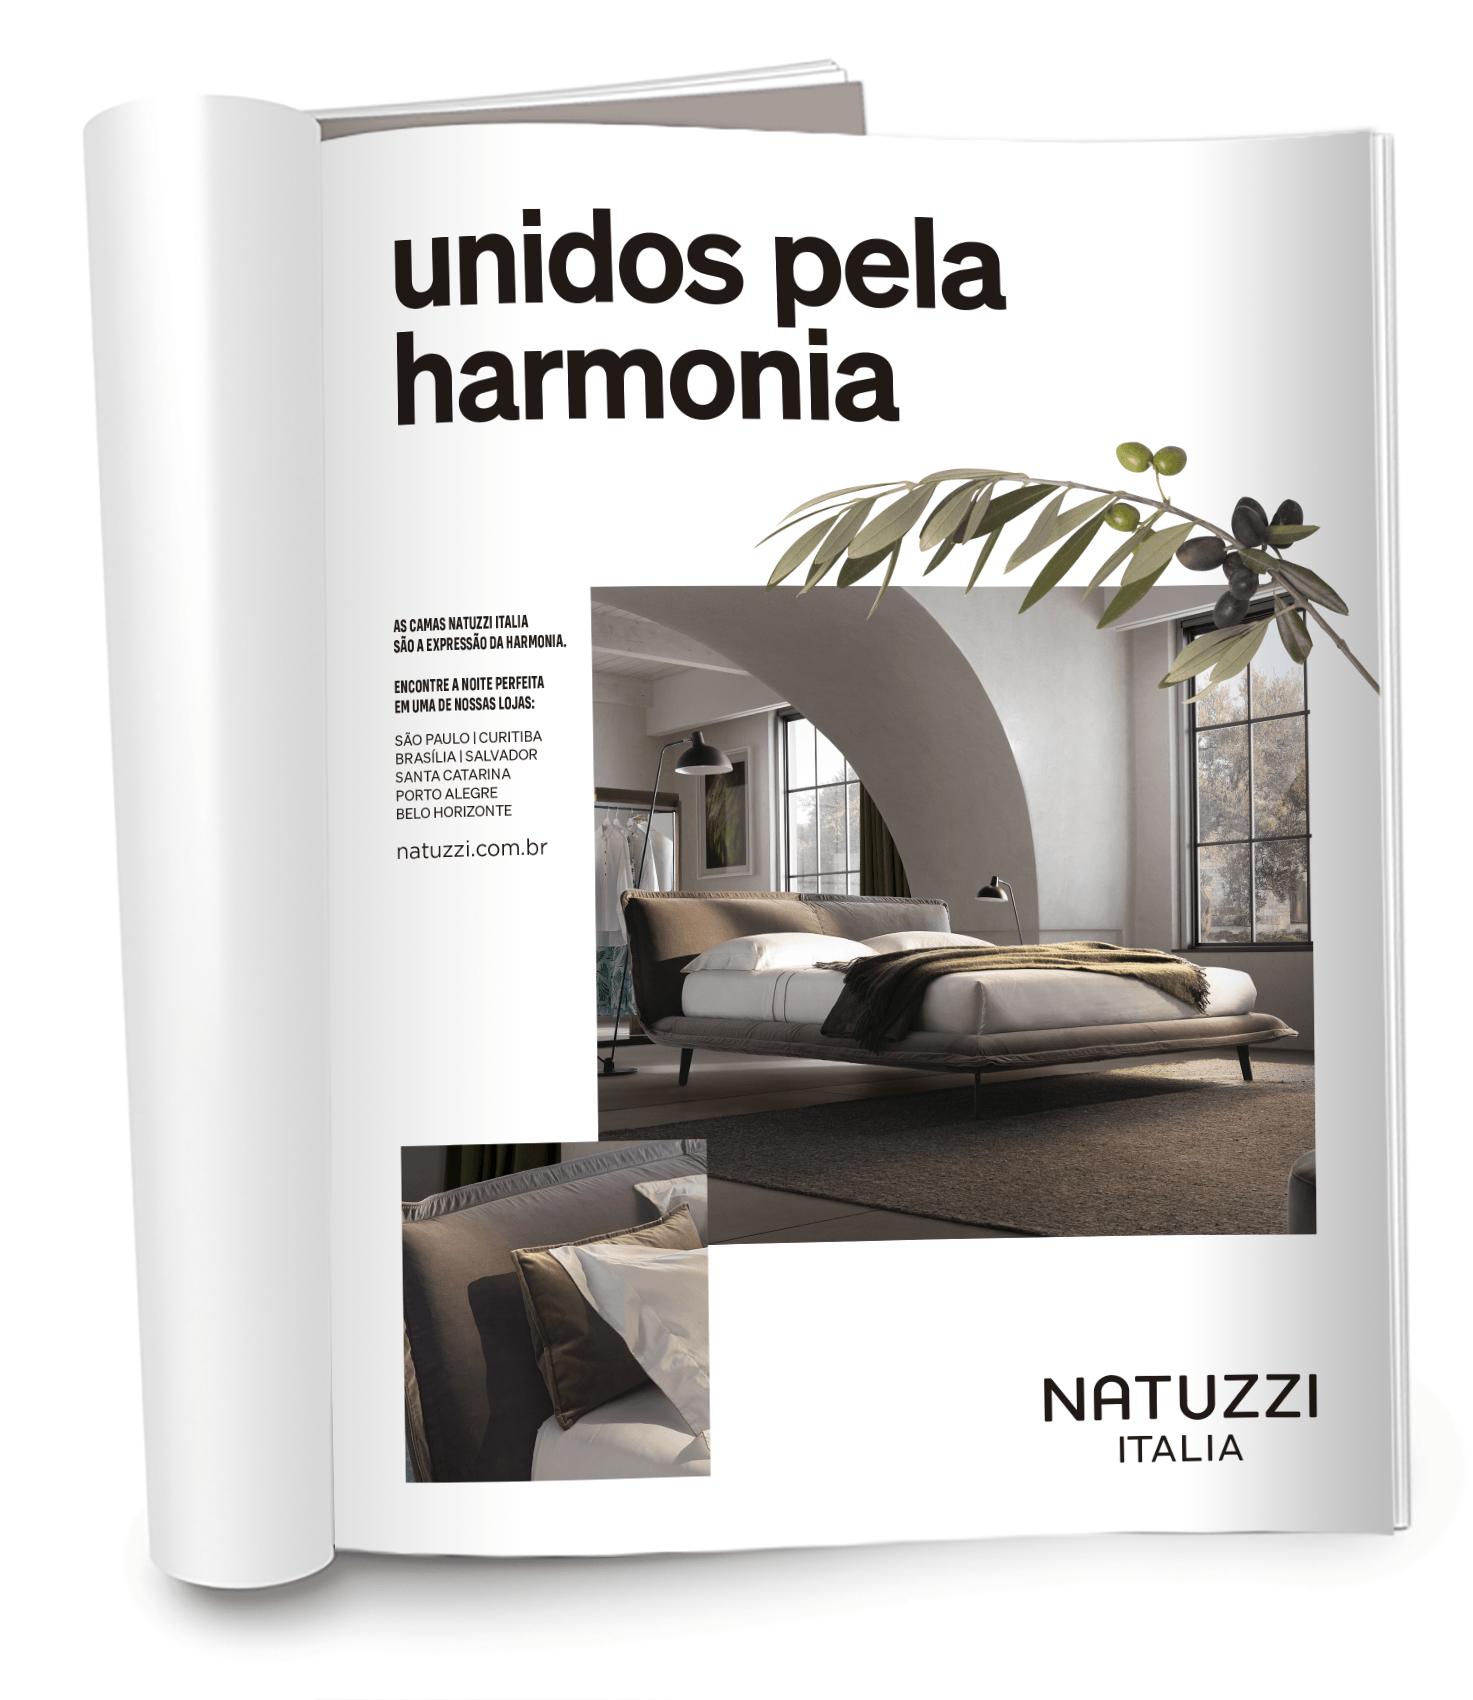 mockup_preview_6_223_Anuncio_Casa_Vogue_NI_Abril_210x275mm_mar21.png